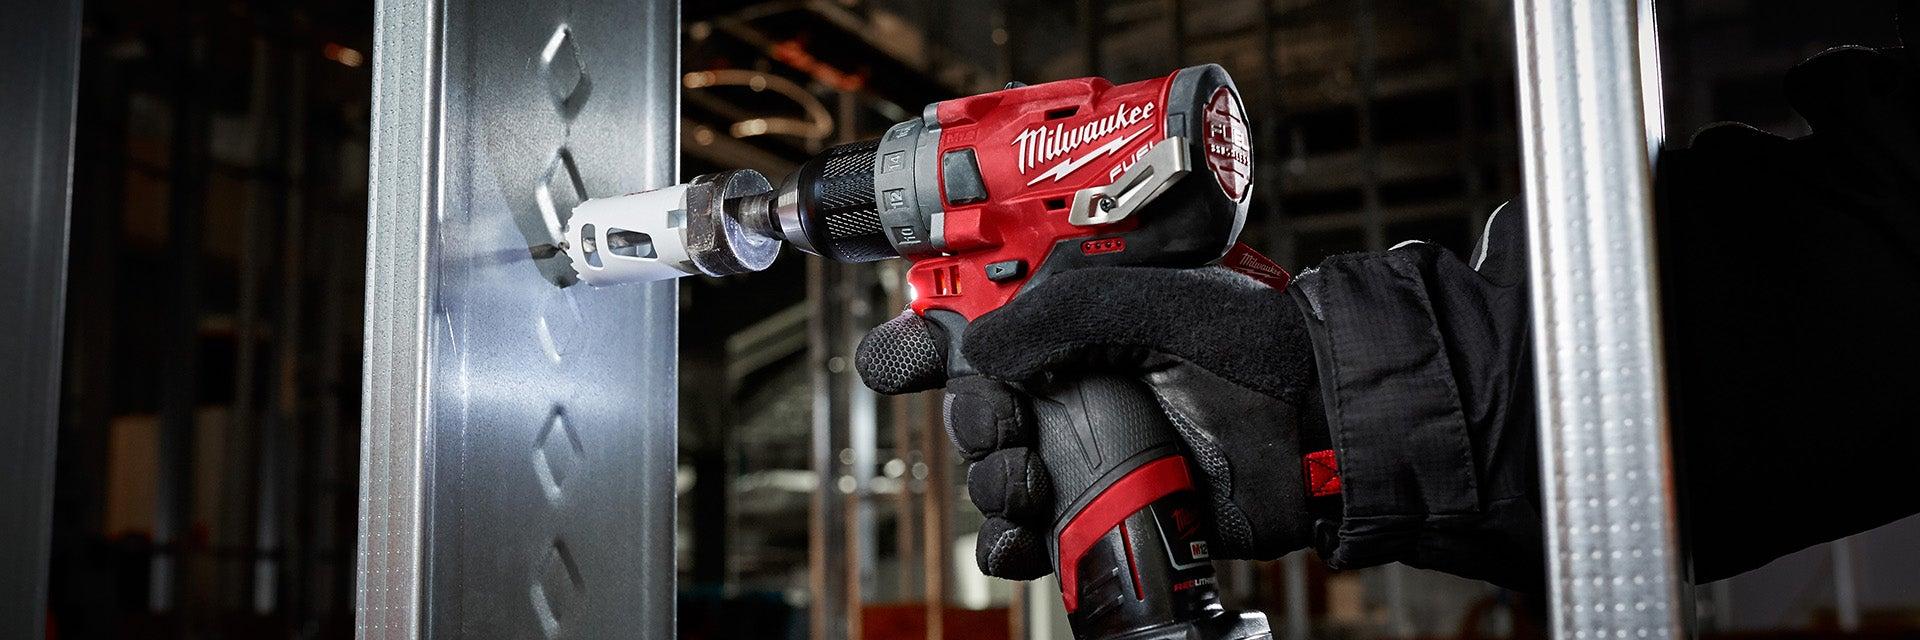 Milwaukee, une gamme d'outils de renommés